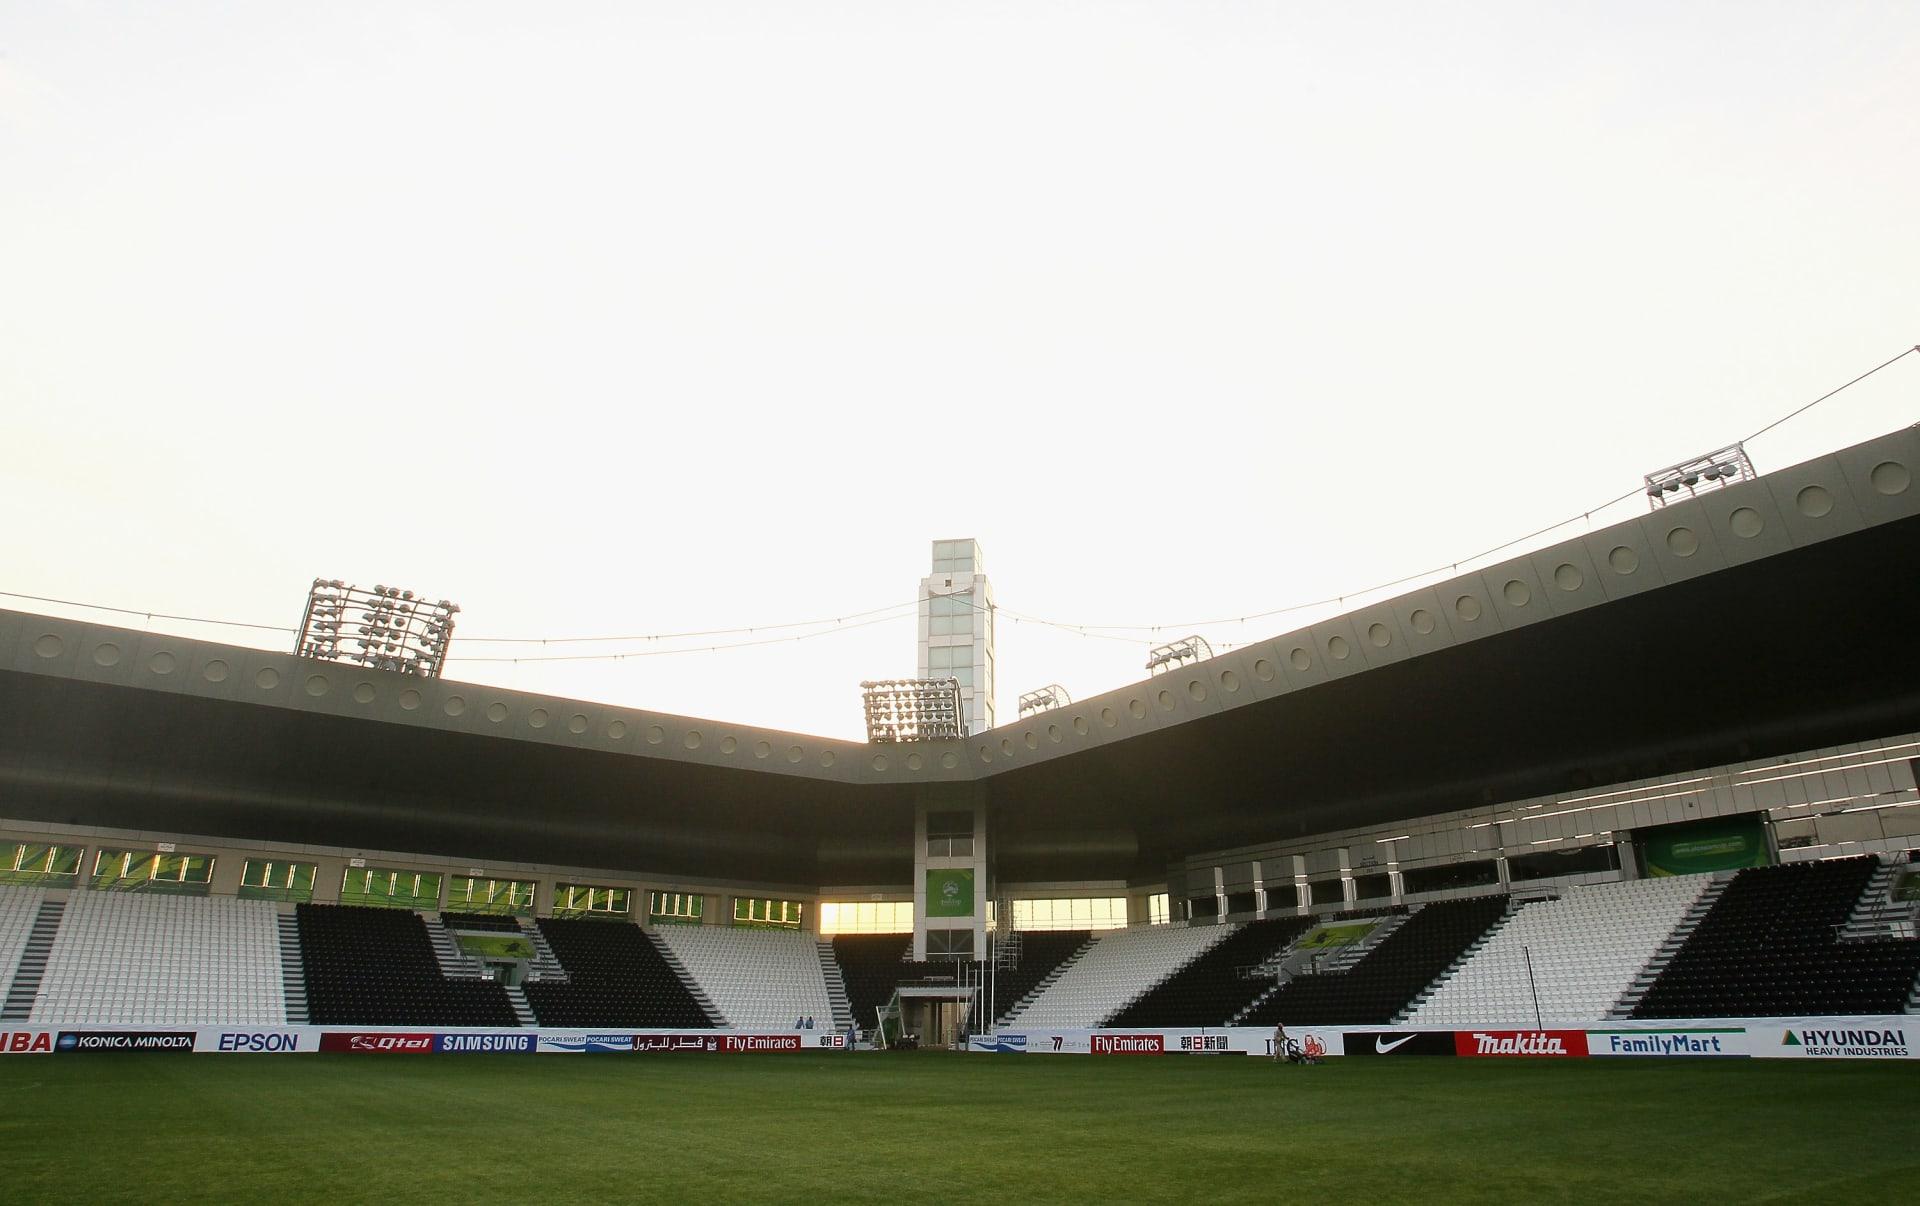 ملعب نادي السد القطري والذي يستضيف فعاليات بطولة كأس العالم لكرة القدم في 2022